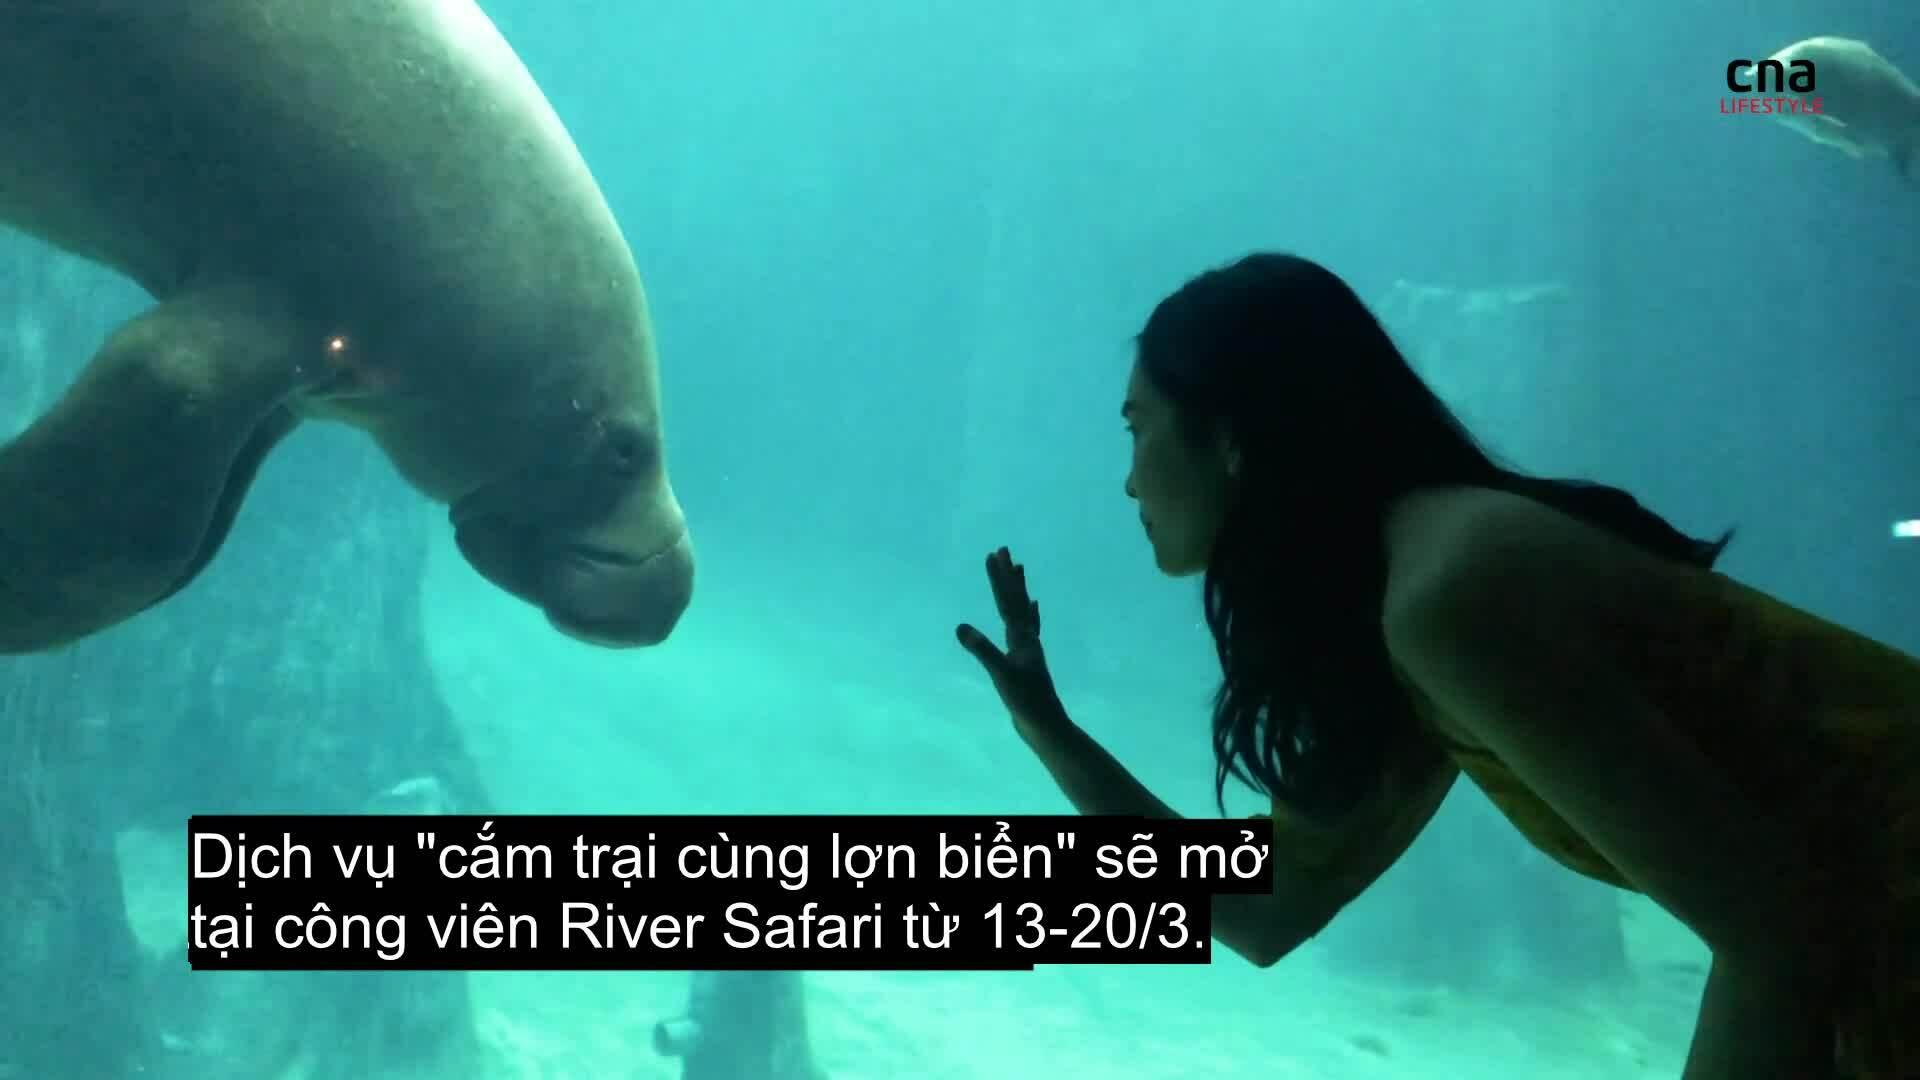 Cắm trại ngắm lợn biển trong thủy cung